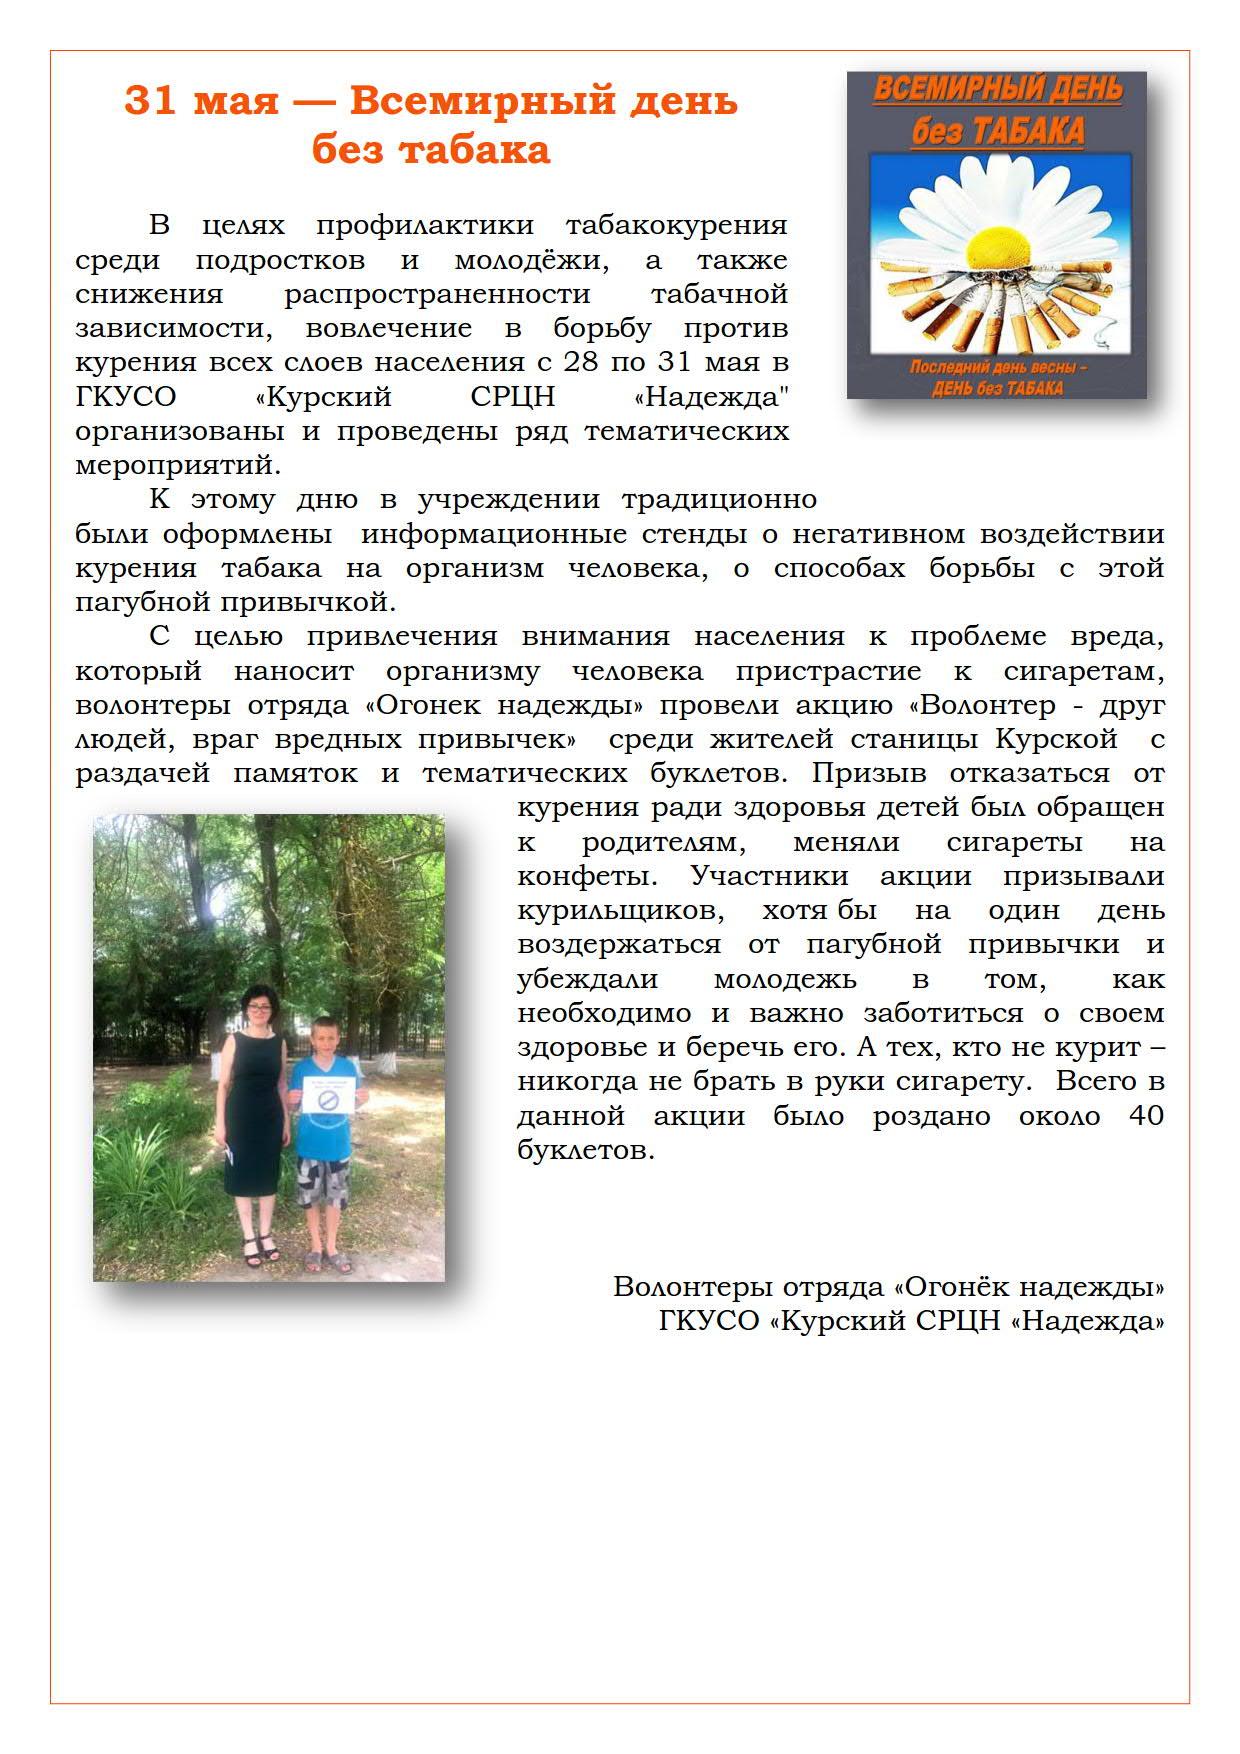 статья Всемирный день без табака_1